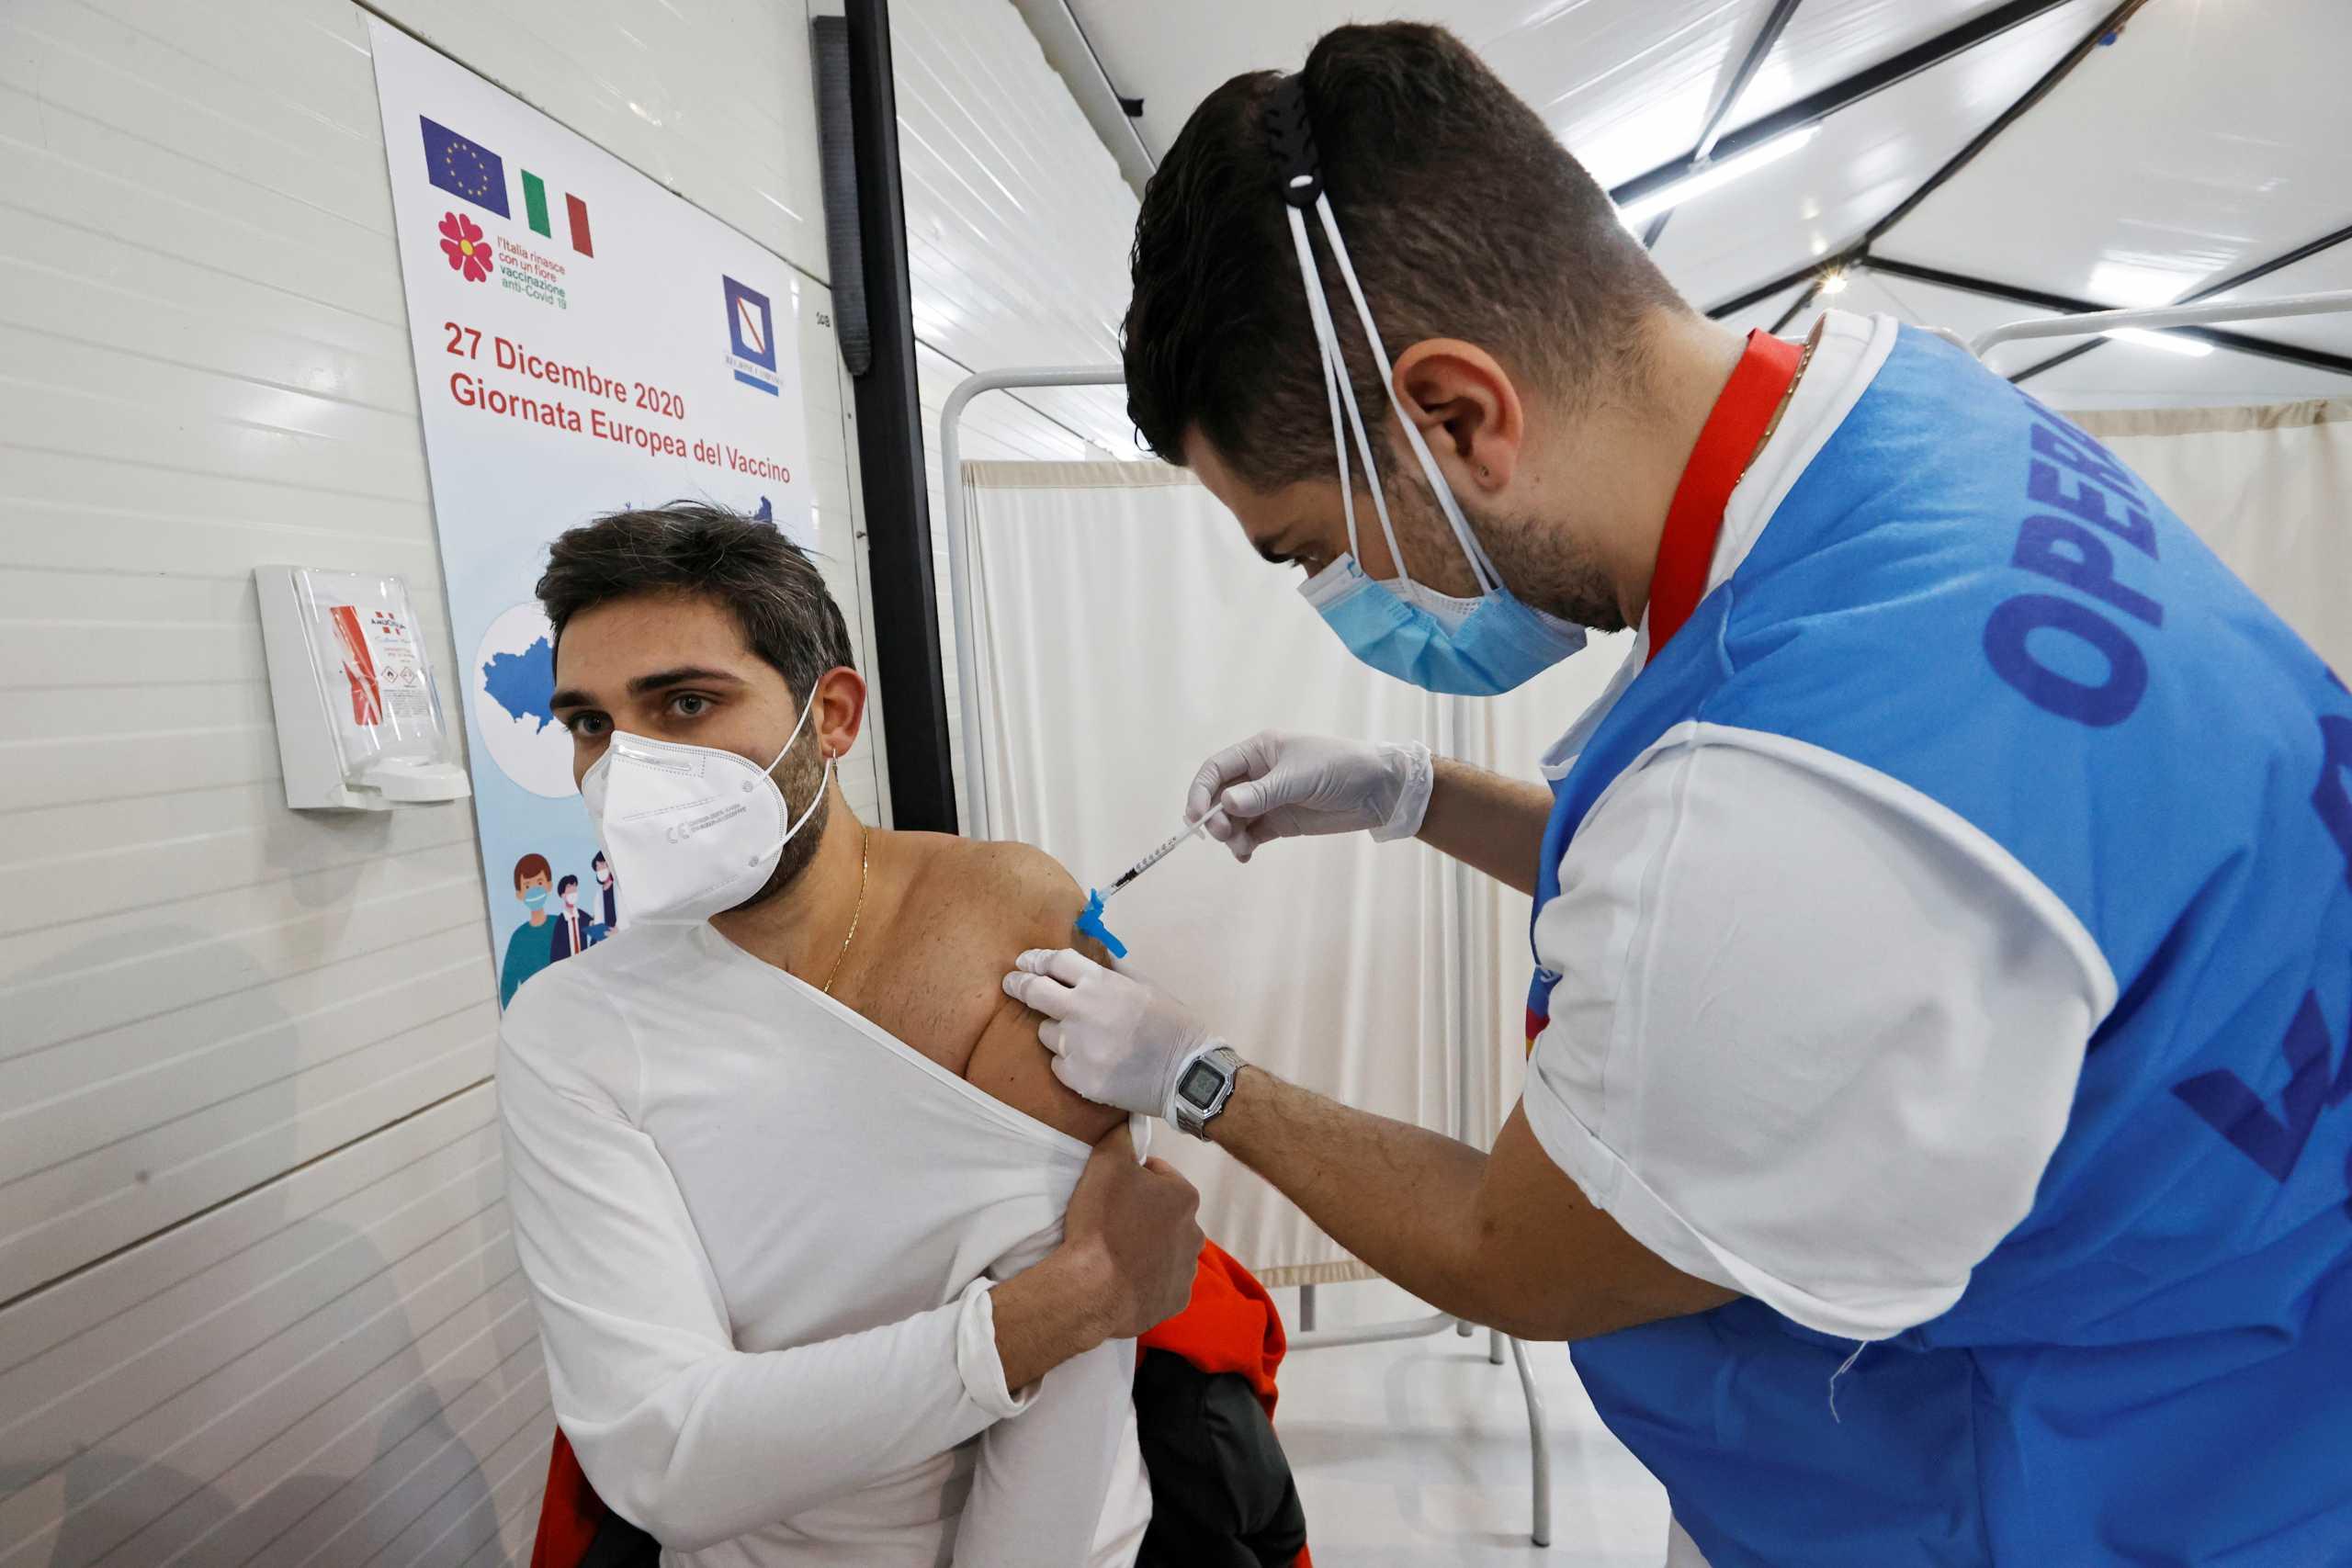 Κορονοϊός: «Πρωταθλητές» οι Γάλλοι μεταξύ των αρνητών του εμβολίου